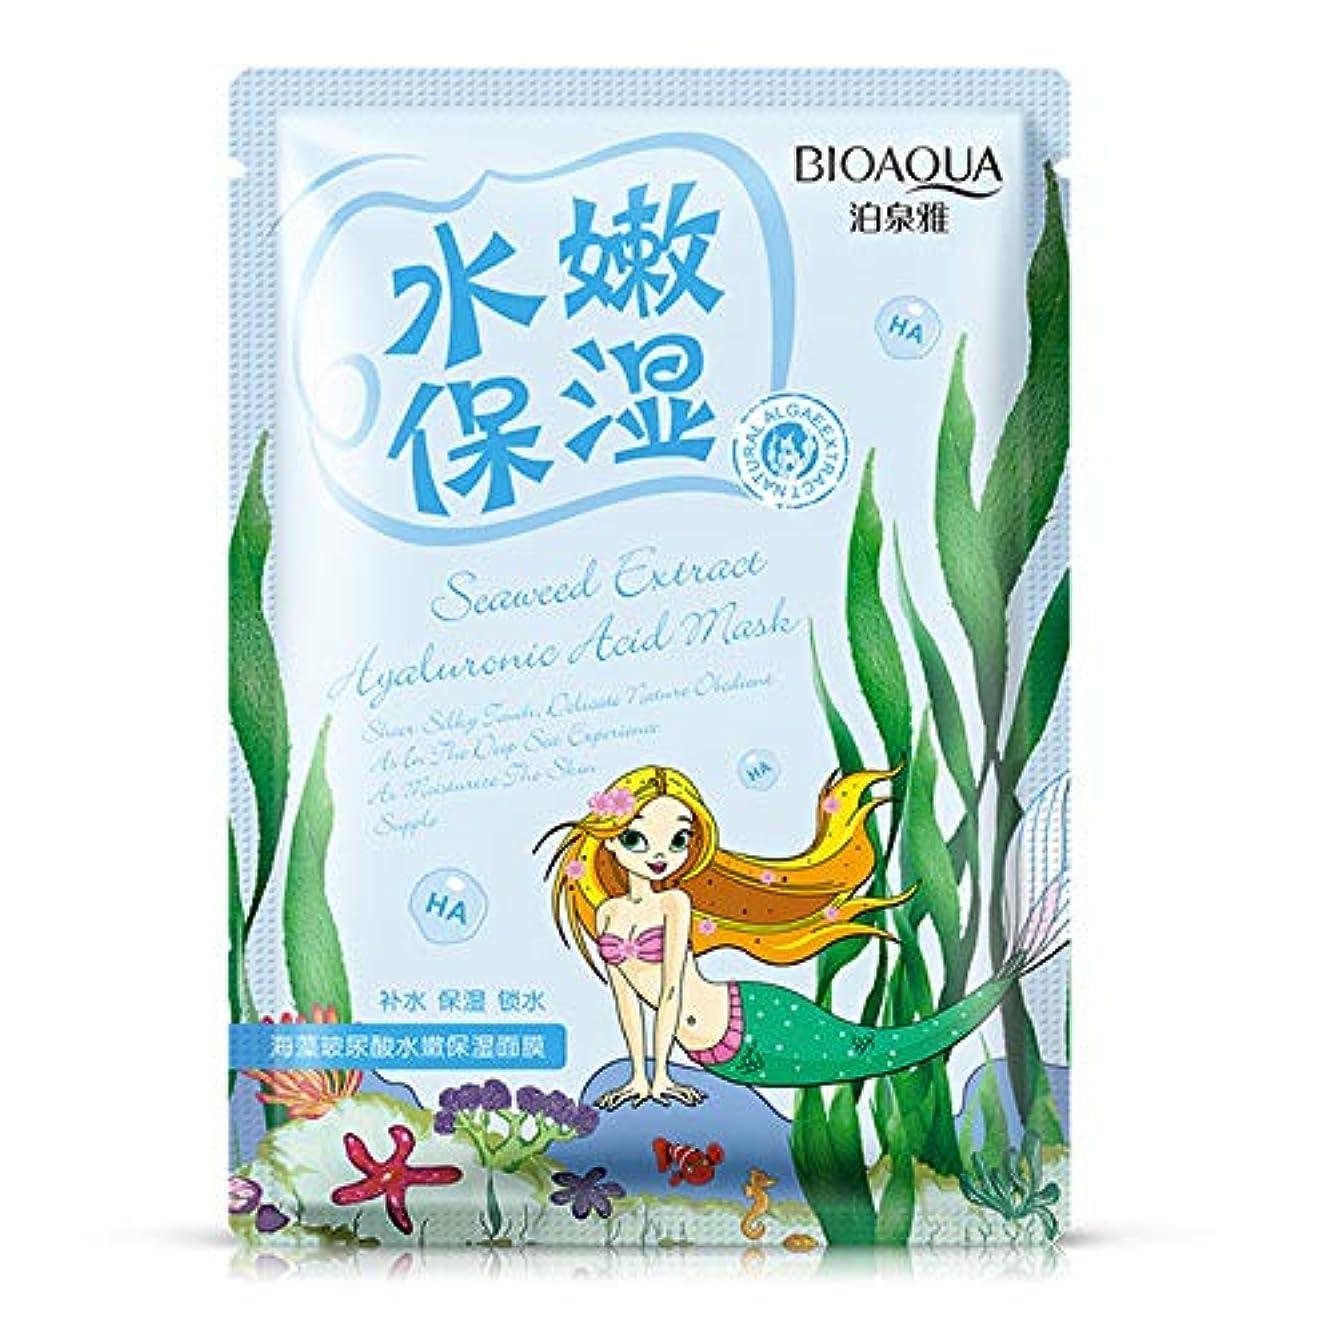 入札ガイドラインせがむACHICOO 保湿パック 潤い スキンケア マスク 白く 女性 化粧 メイクアップ ファッション